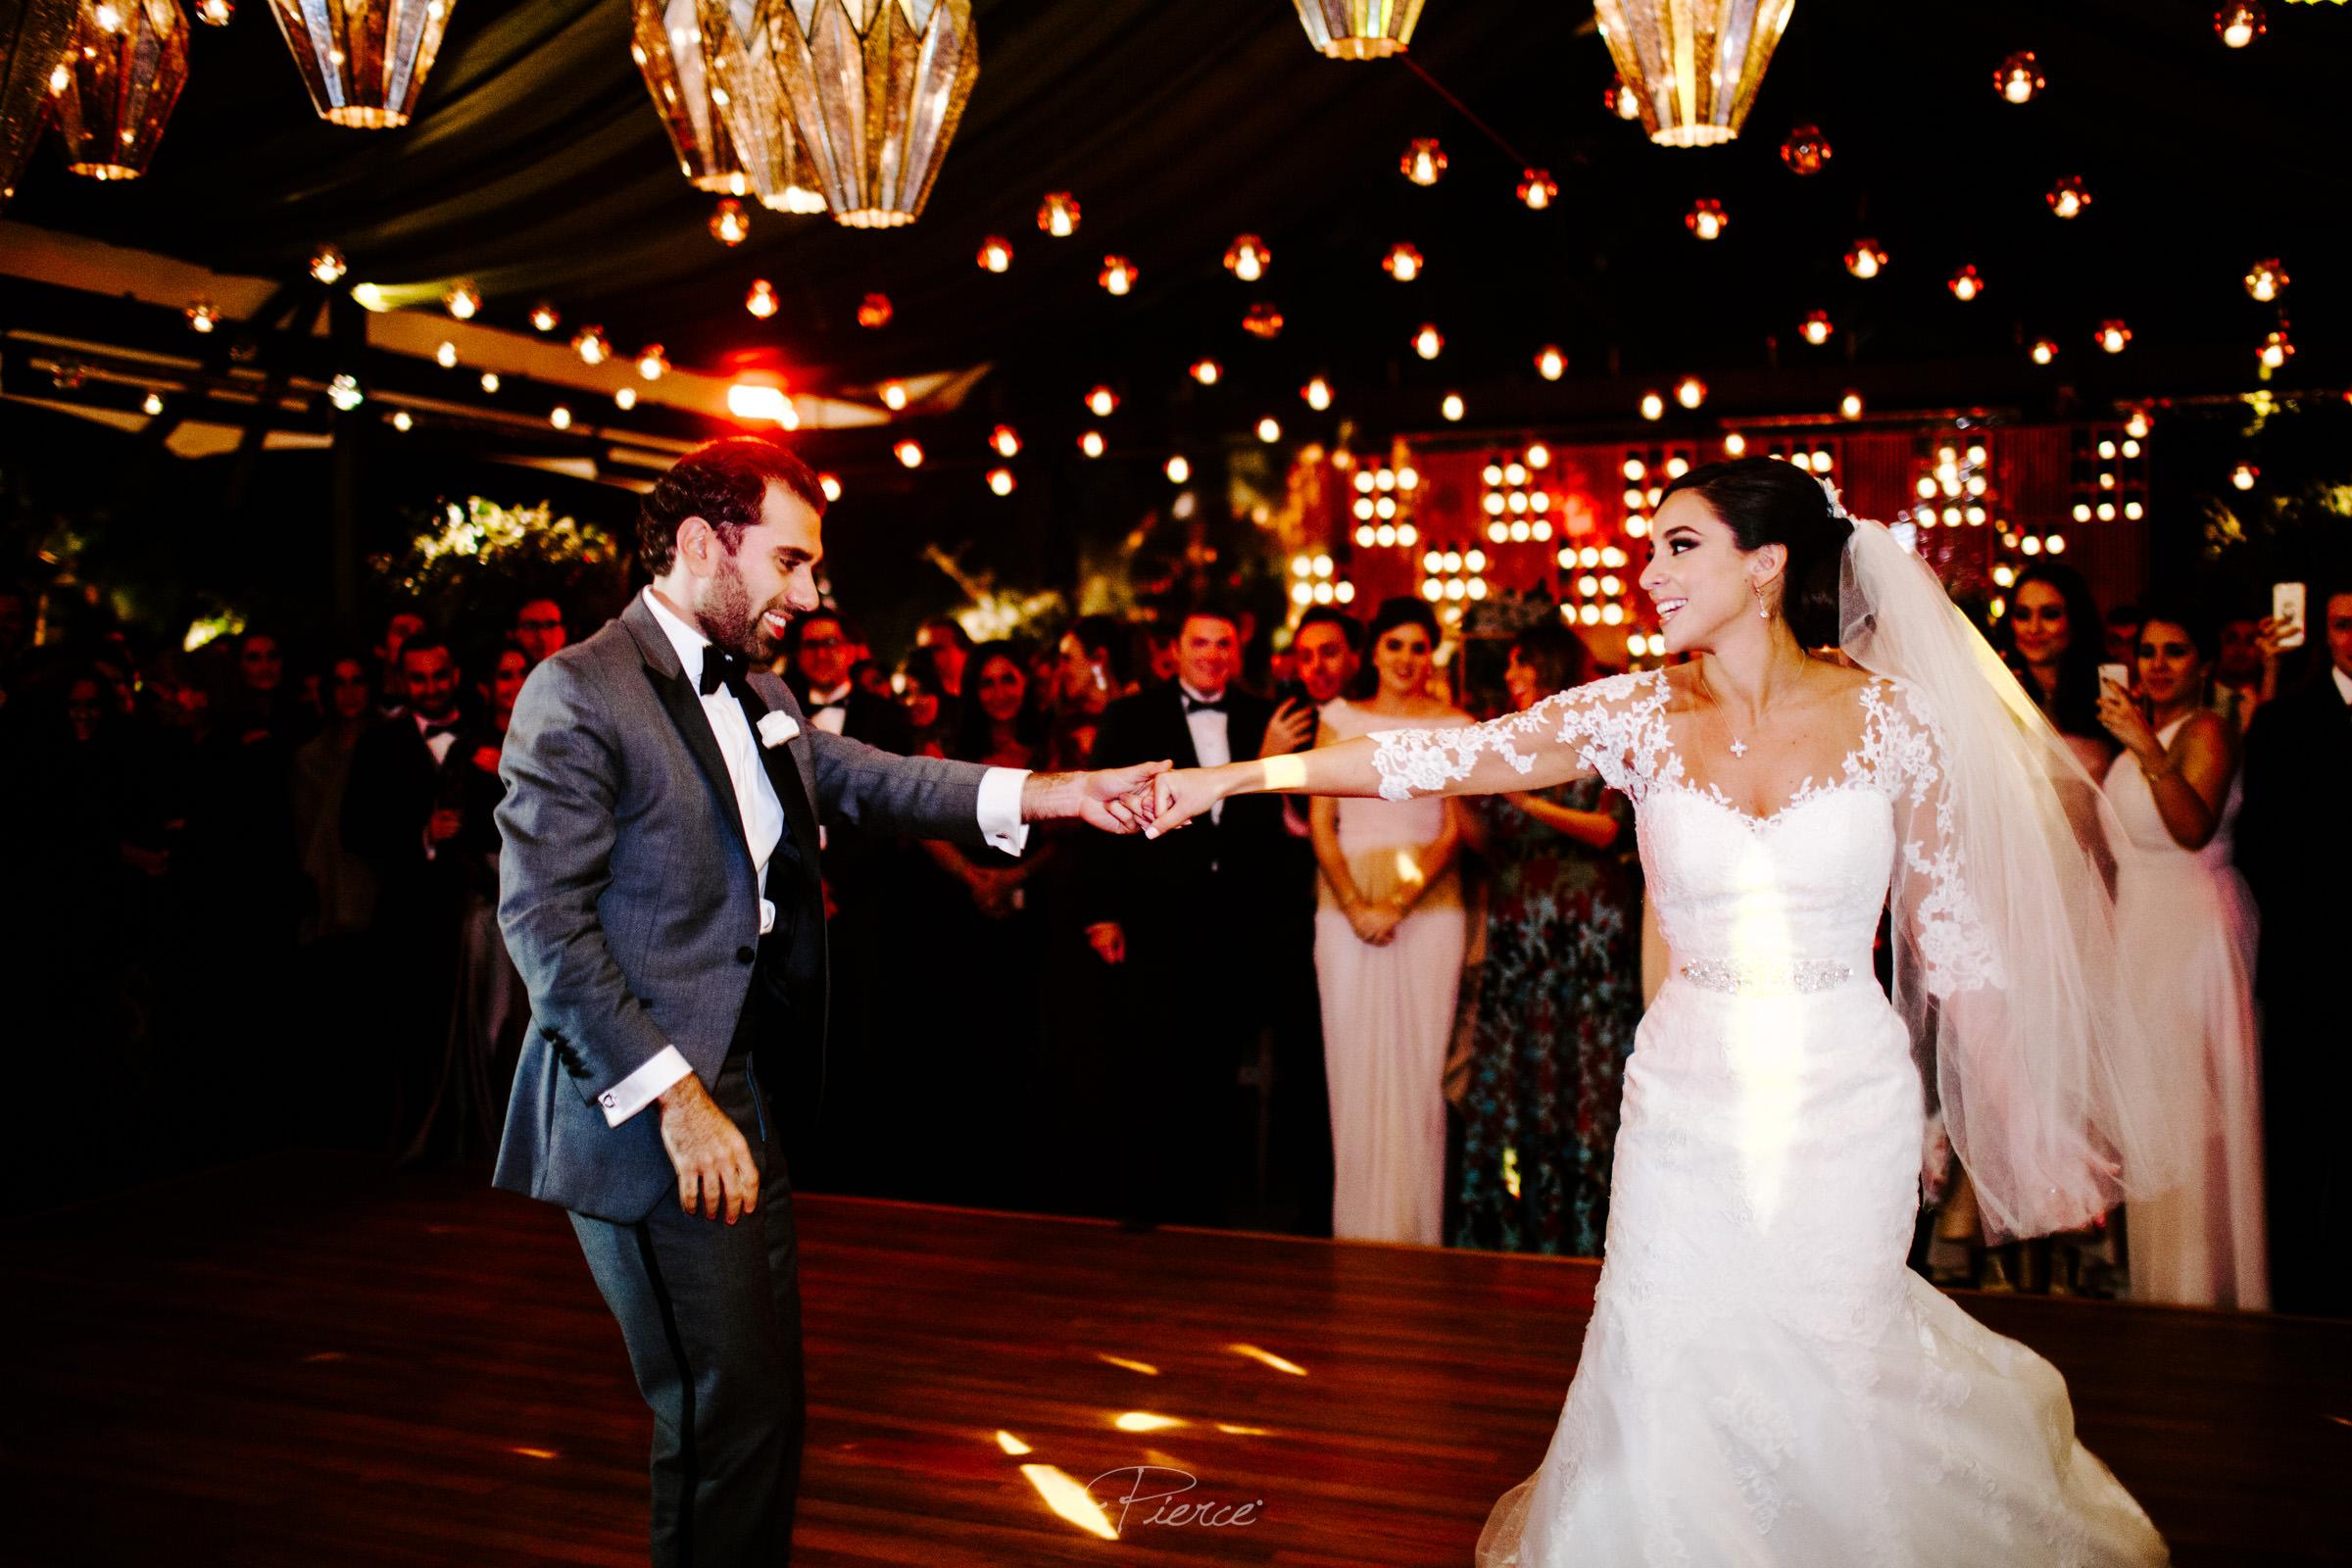 fotografia-de-boda-valle-de-bravo-mexico-rosmarino-pierce-weddings-0176.JPG